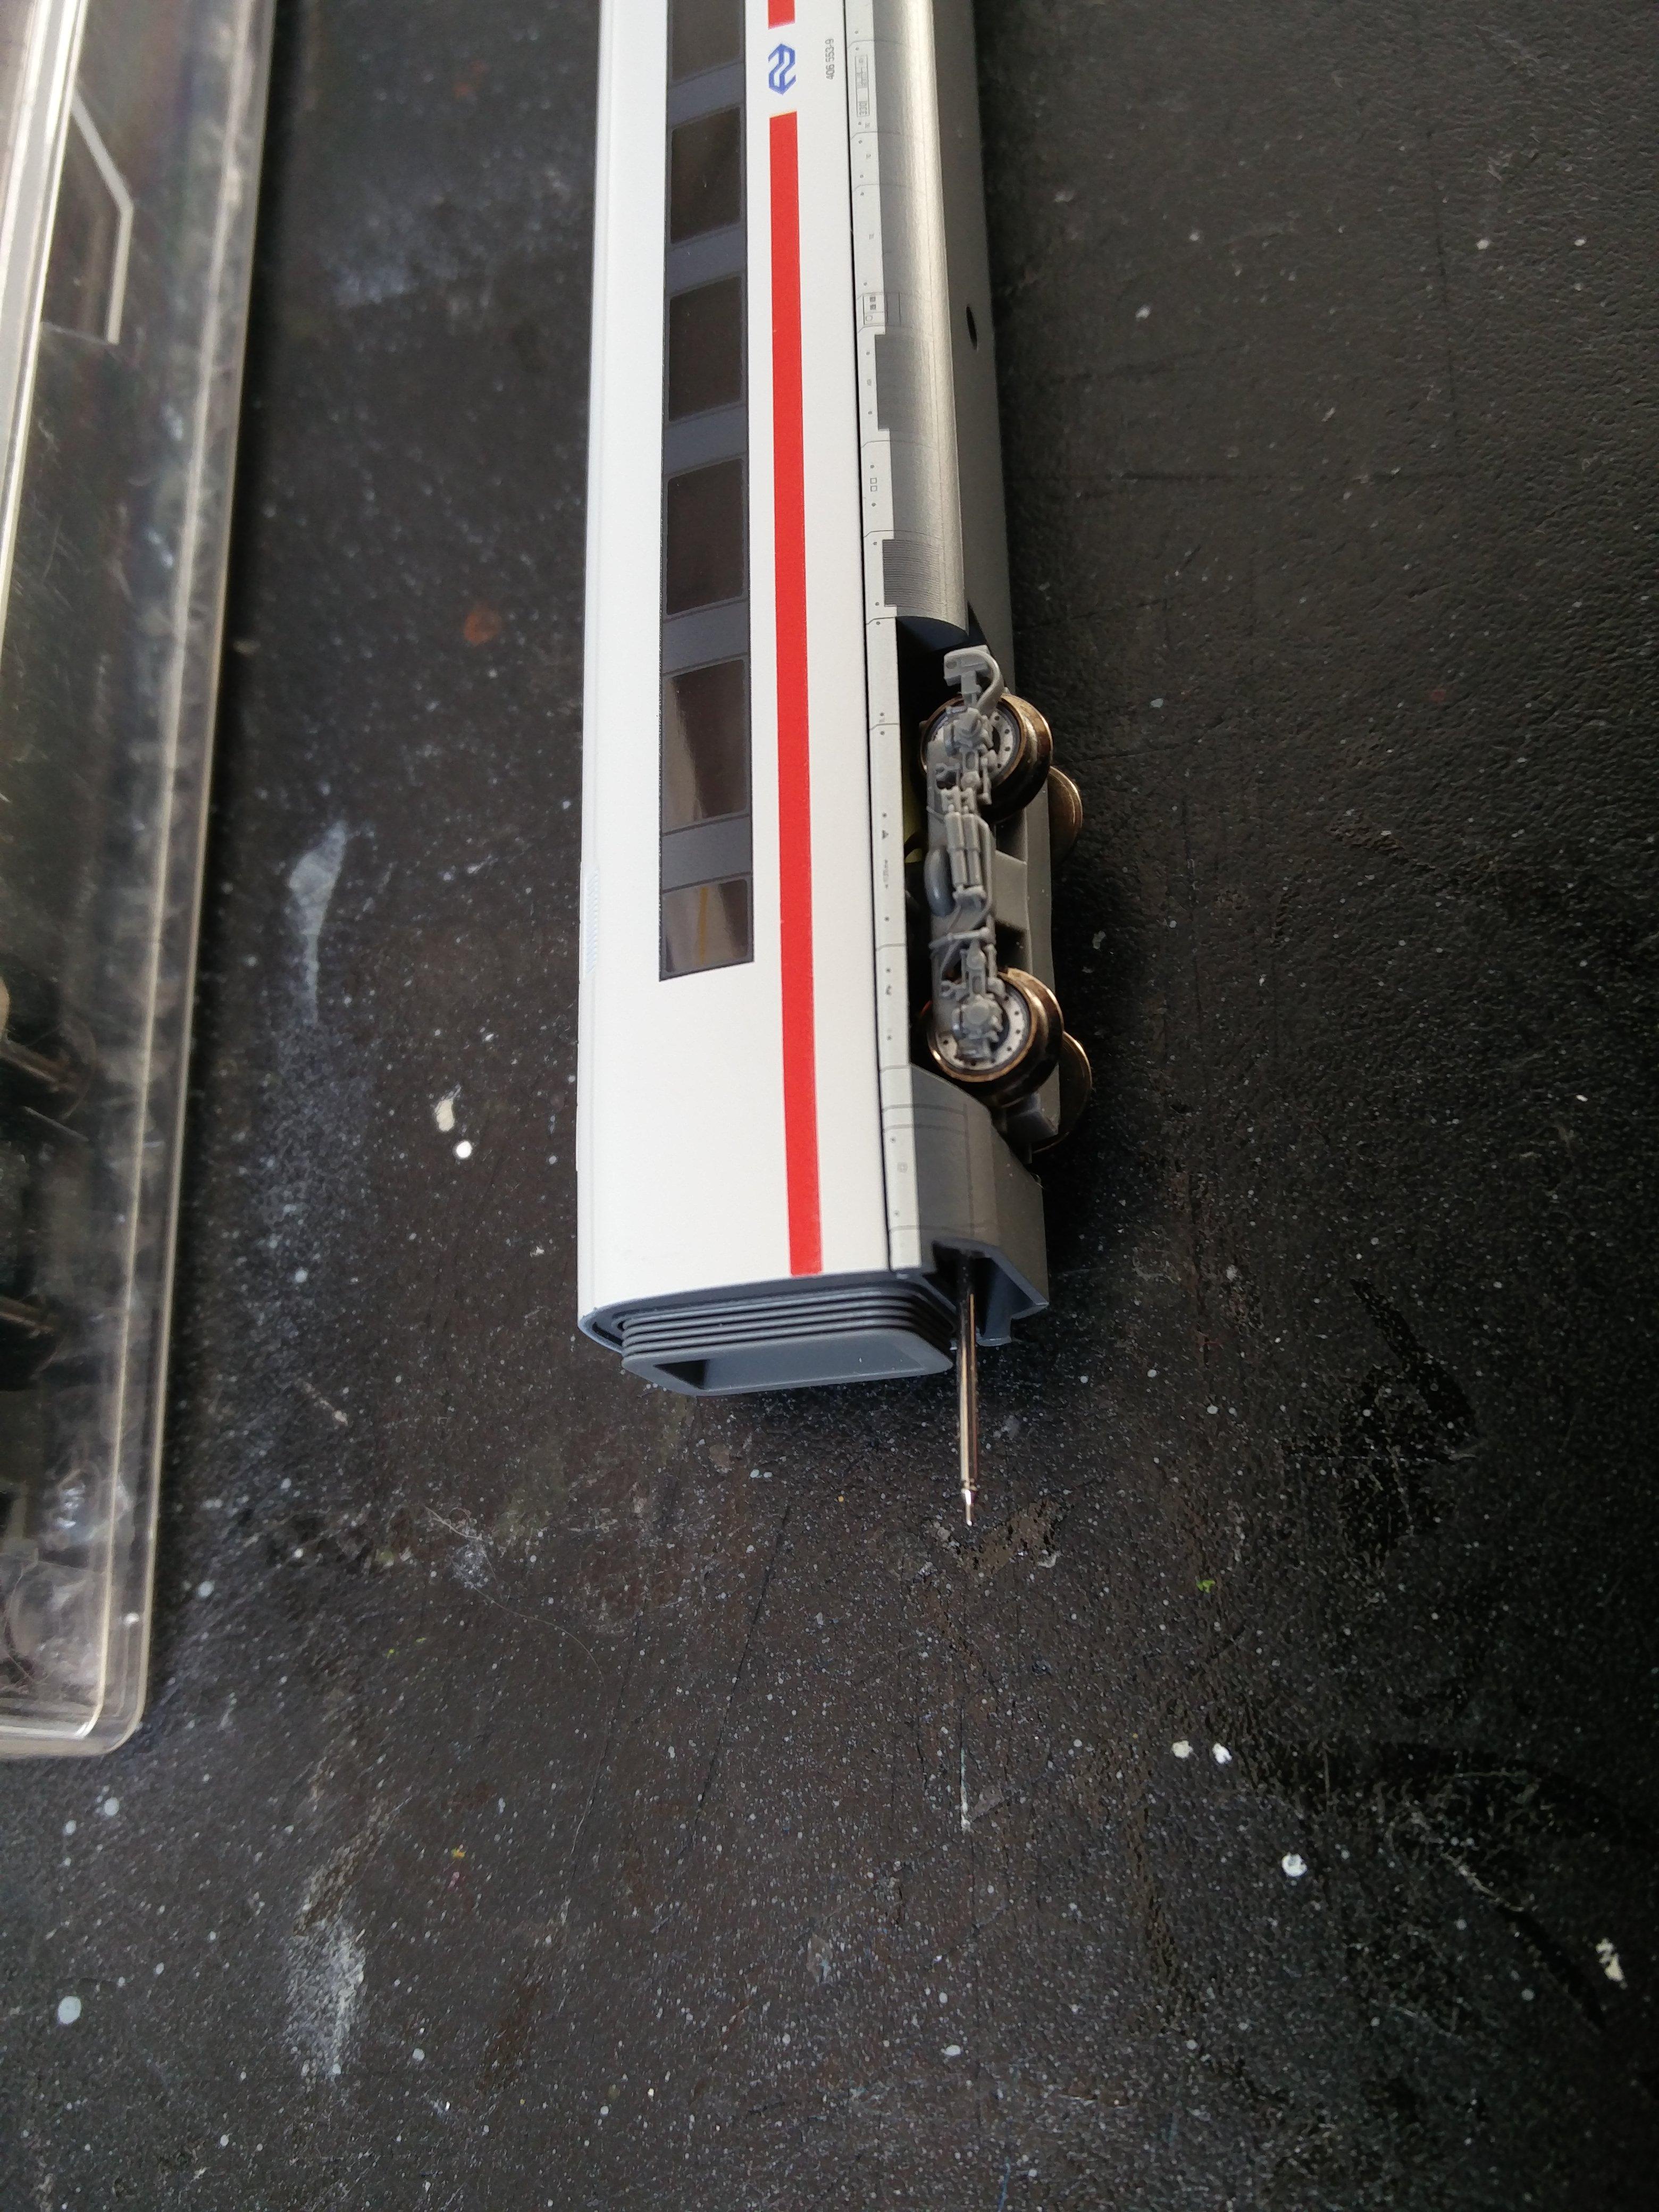 NS ICE van Arnold met een soort naaldkoppeling en 1 FLM DB ICE Bord Restaurant wagon met een kunststof koppeling. Is dit uitwisselbaar, om te zetten?